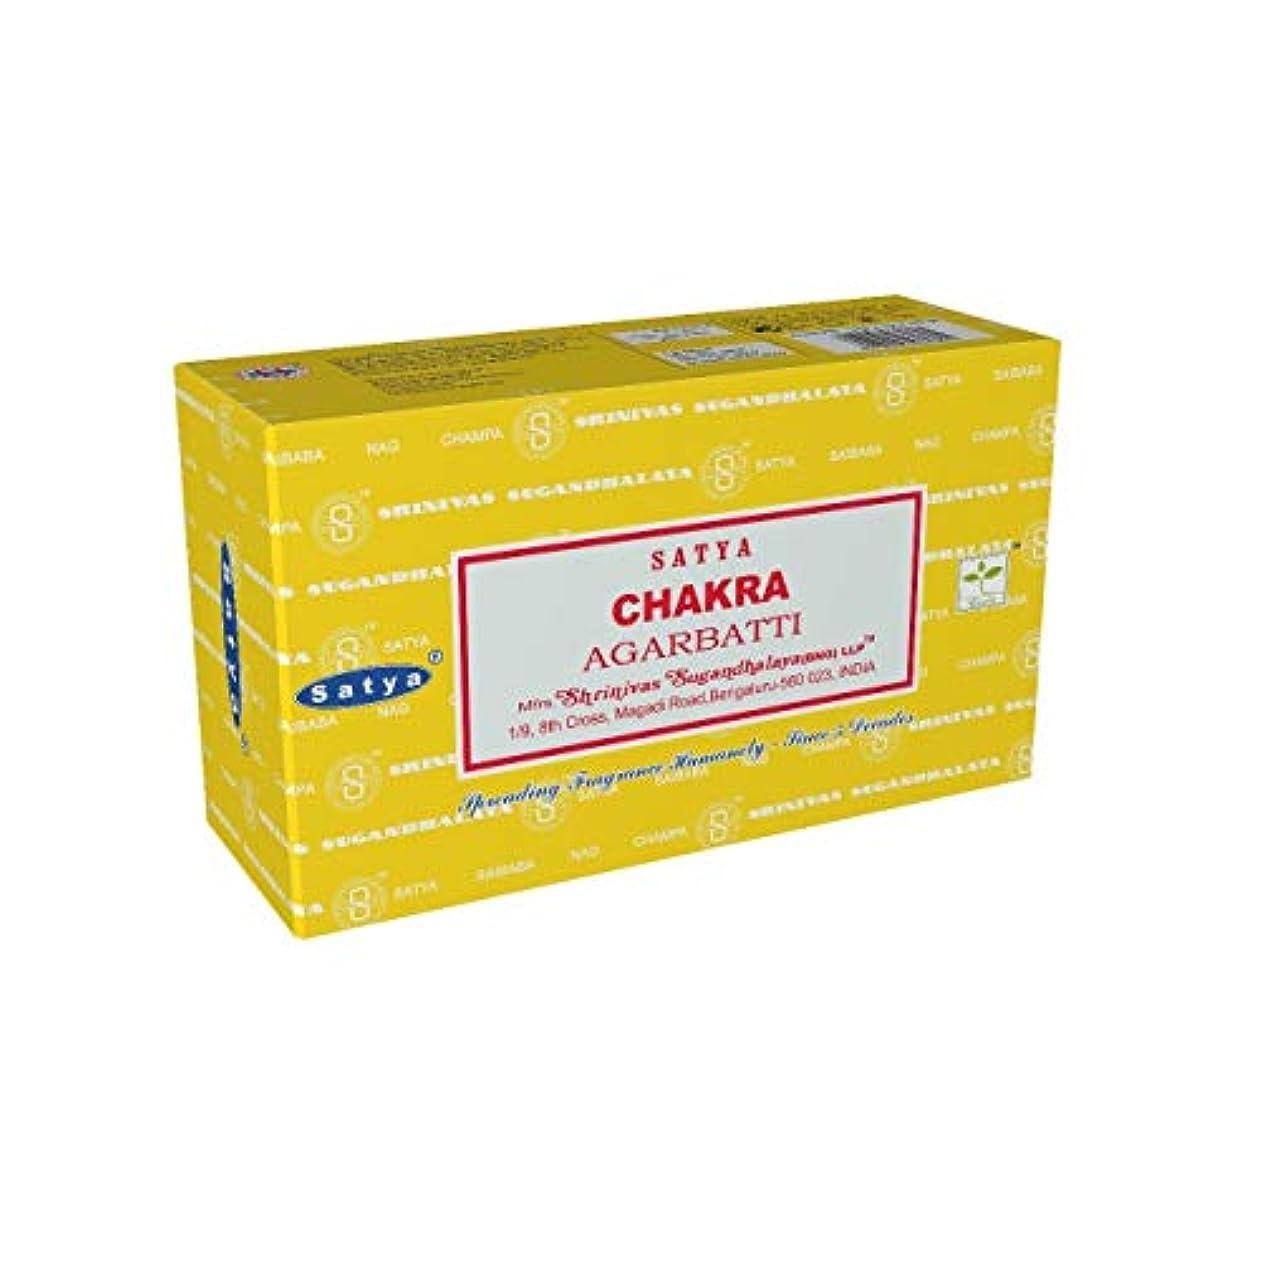 ベルベットバケット回るSatya Bangalore (BNG) チャクラ インセンス スティック 12箱 x 15g (合計180グラム)